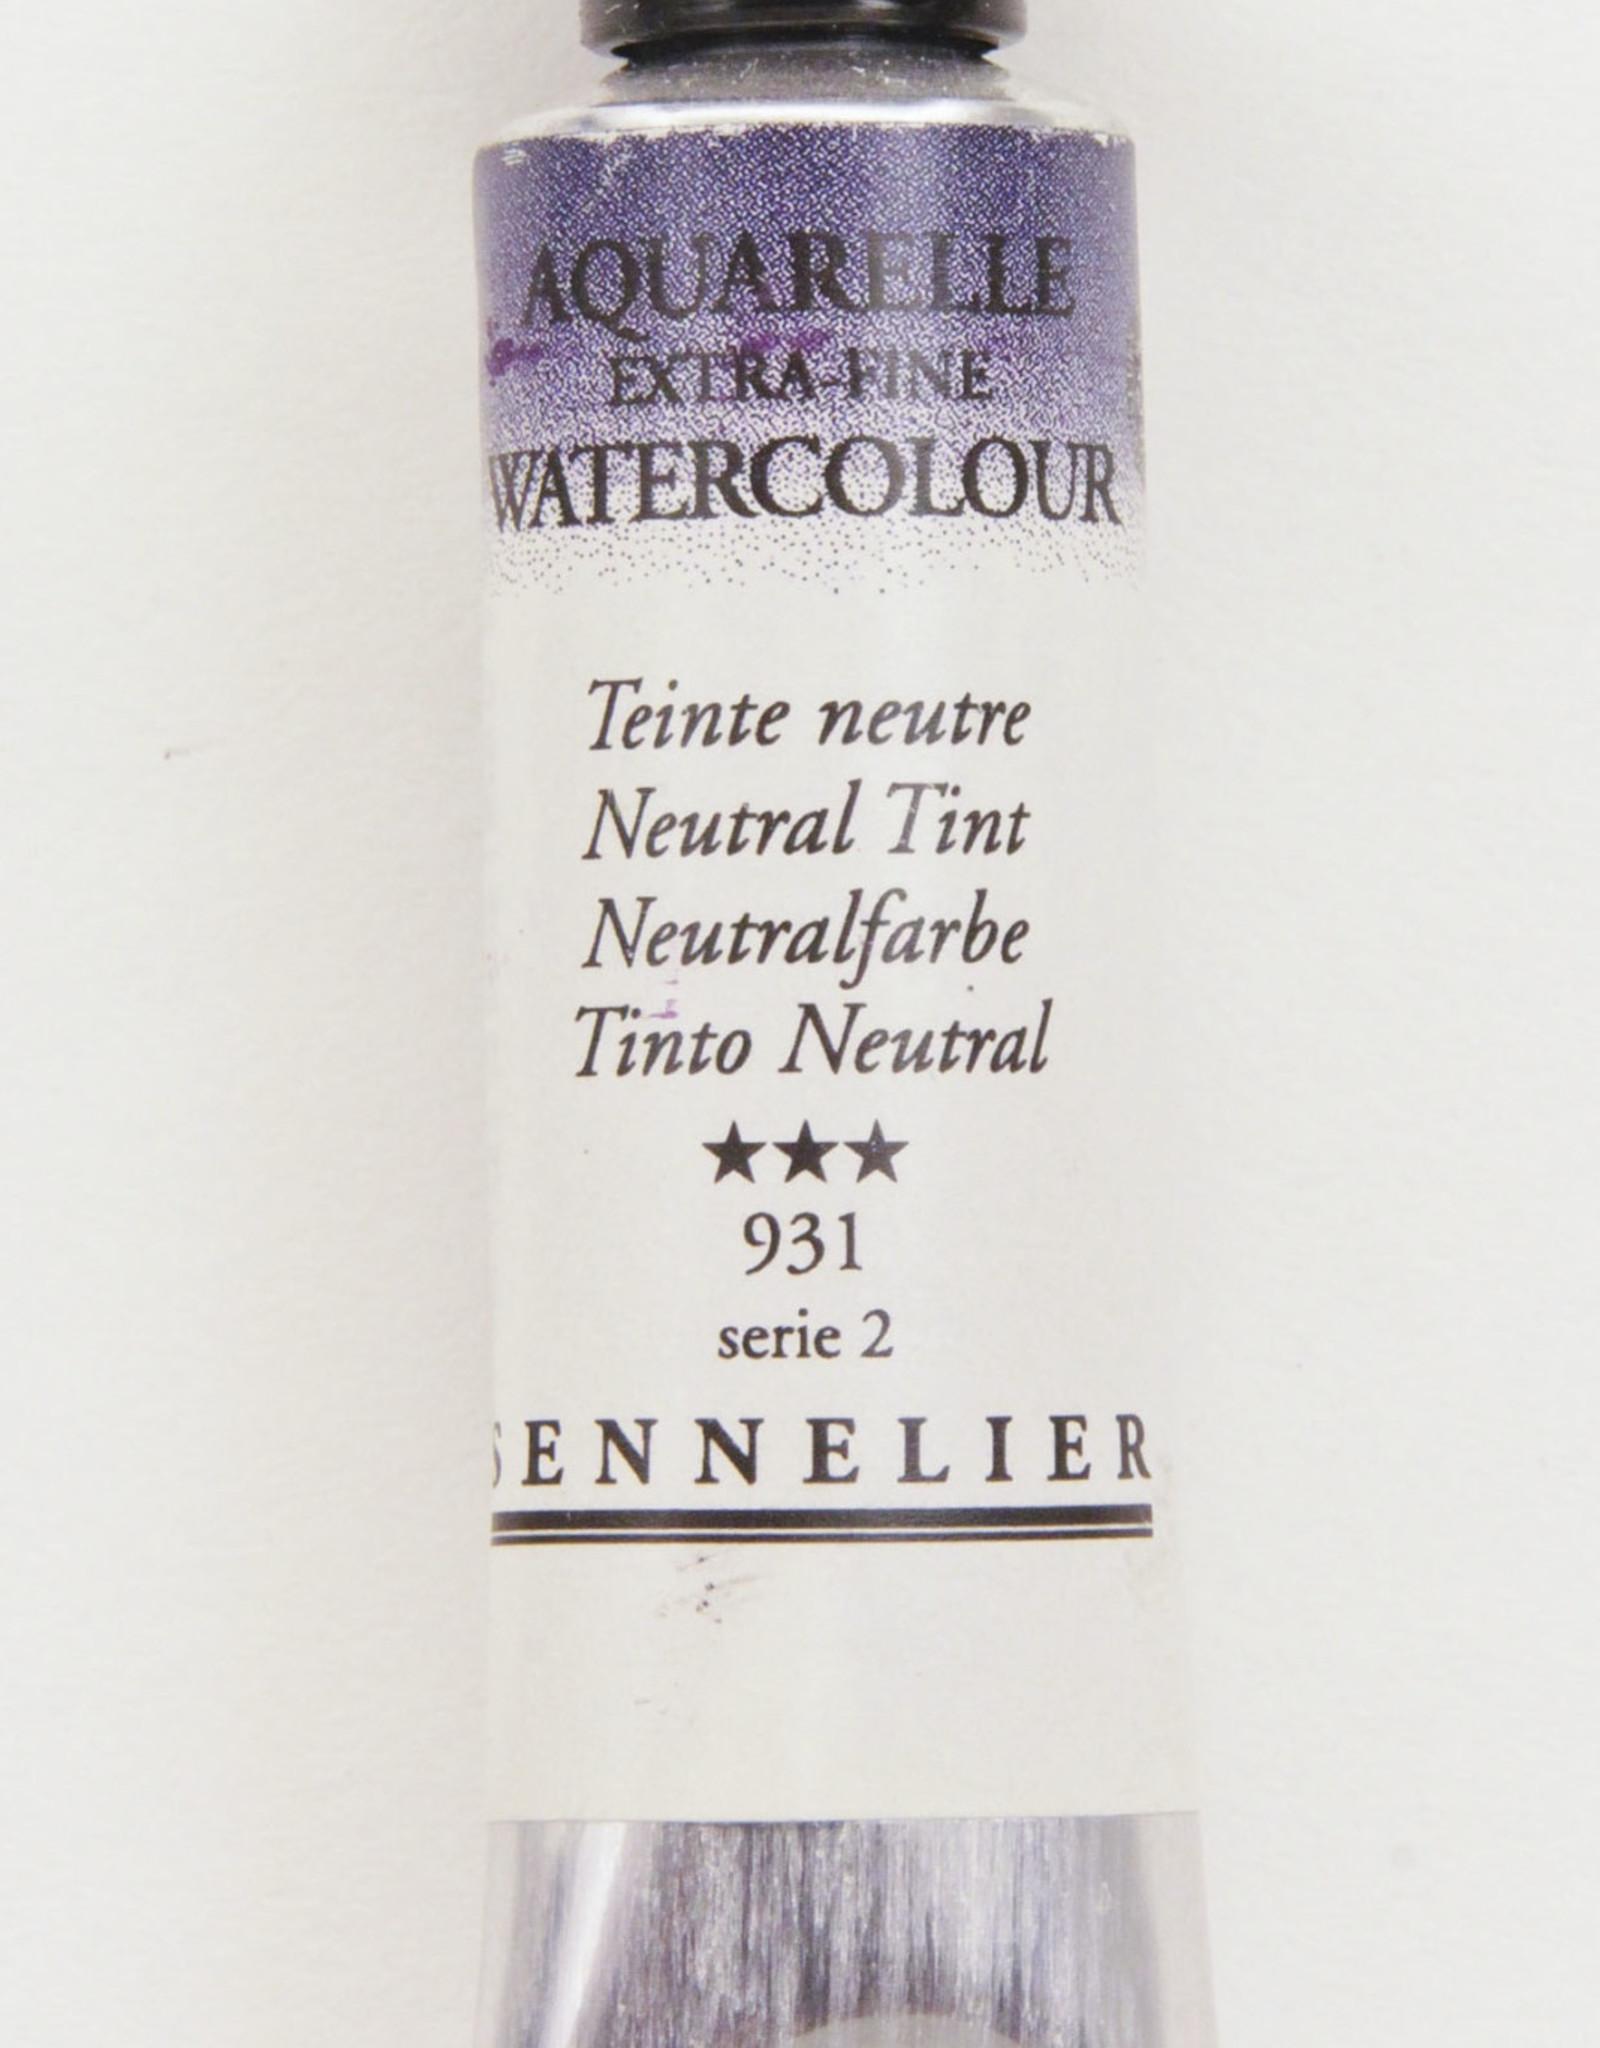 Sennelier, Aquarelle Watercolor Paint, Neutral Tint, 931,10ml Tube, Series 2